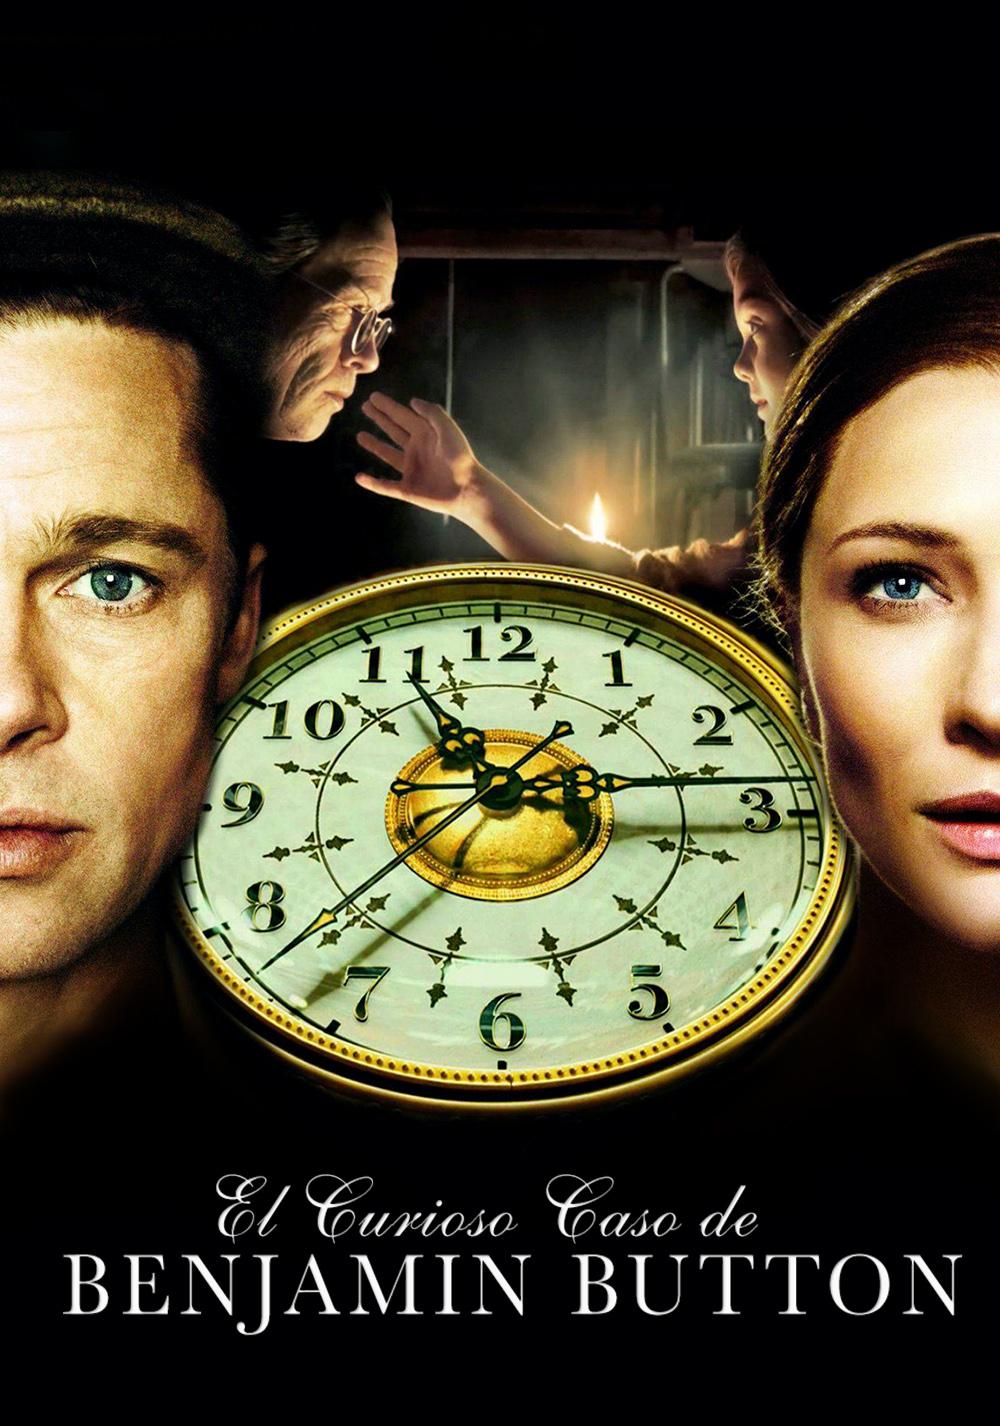 The benjamin movie